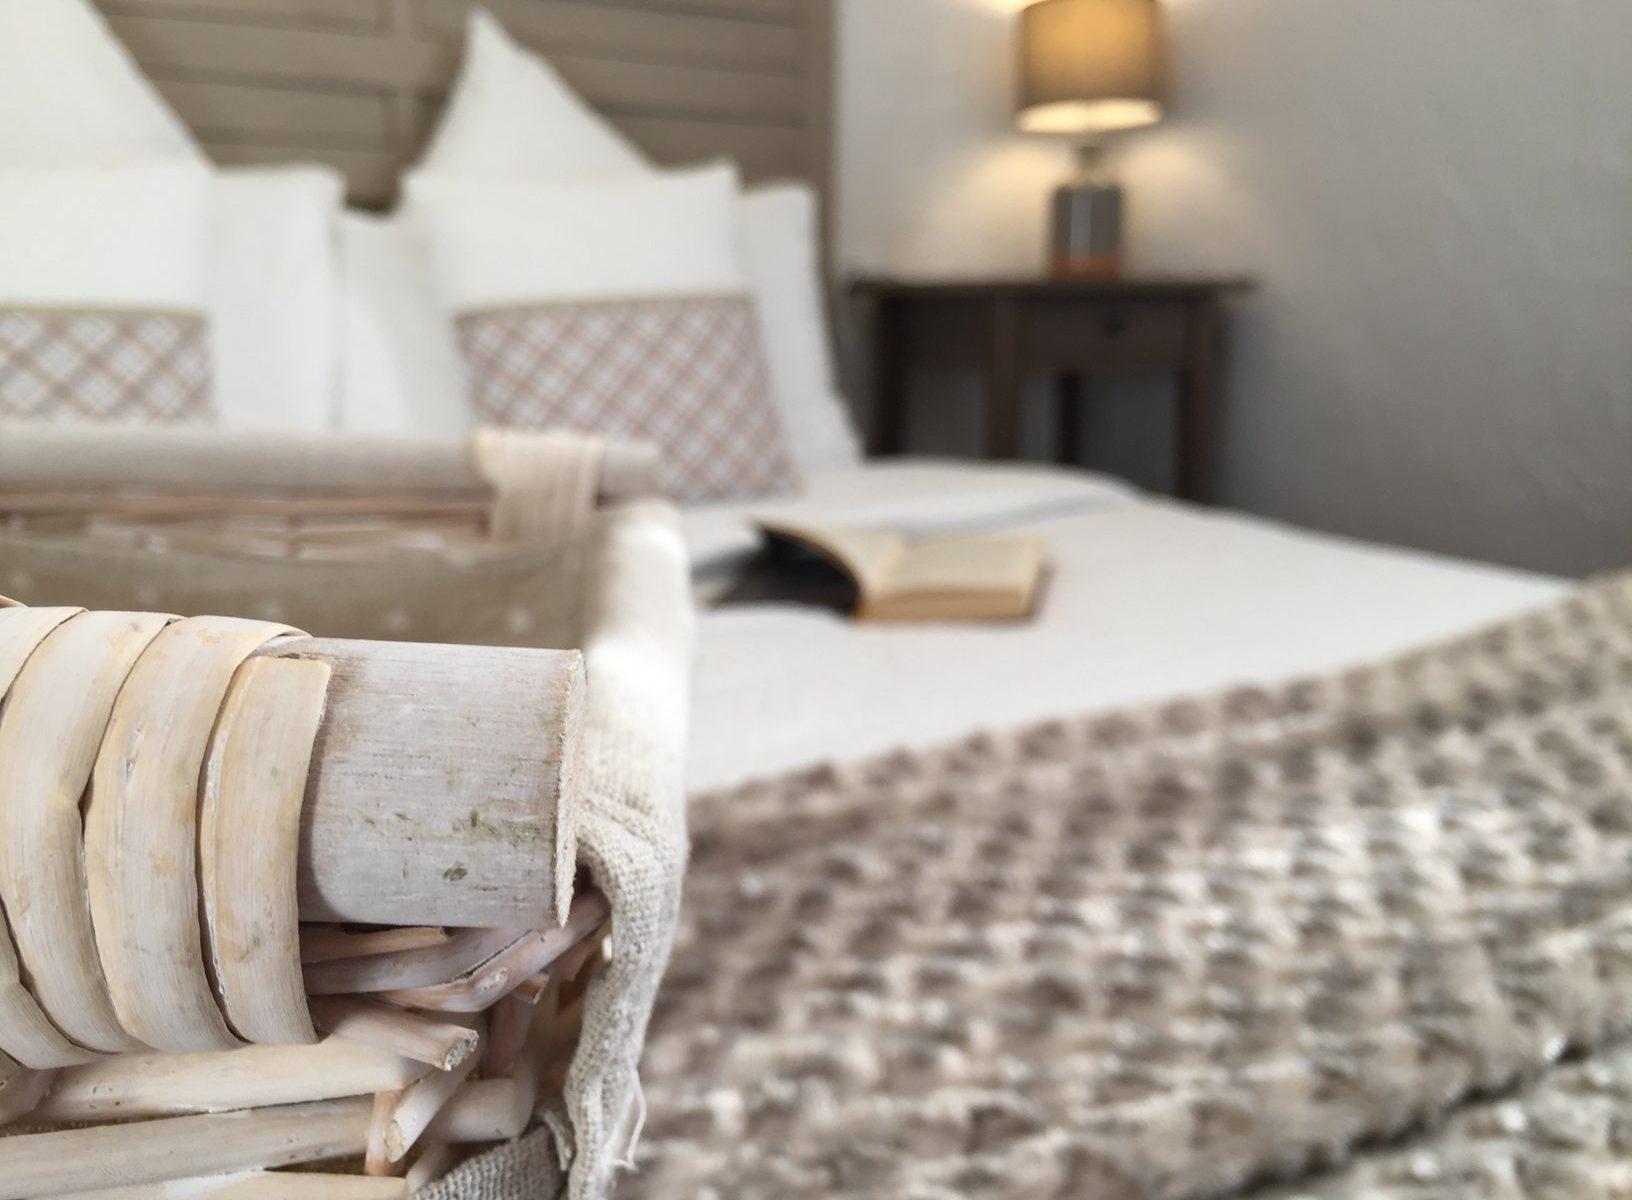 Location d'une Chambre ou Suite, lit 160x200 cm. Chambres d'Hôtes La Belle Demeure, en Dordogne, au cœur du Périgord Noir, proche de Sarlat. Les lits douillets sont équipés de linge 100% coton en Seersucker. Salle d'eau attenante à chaque chambre. Suite Familiale. Table d'hôtes et Piscine. Consultez nos tarifs sur notre site internet.